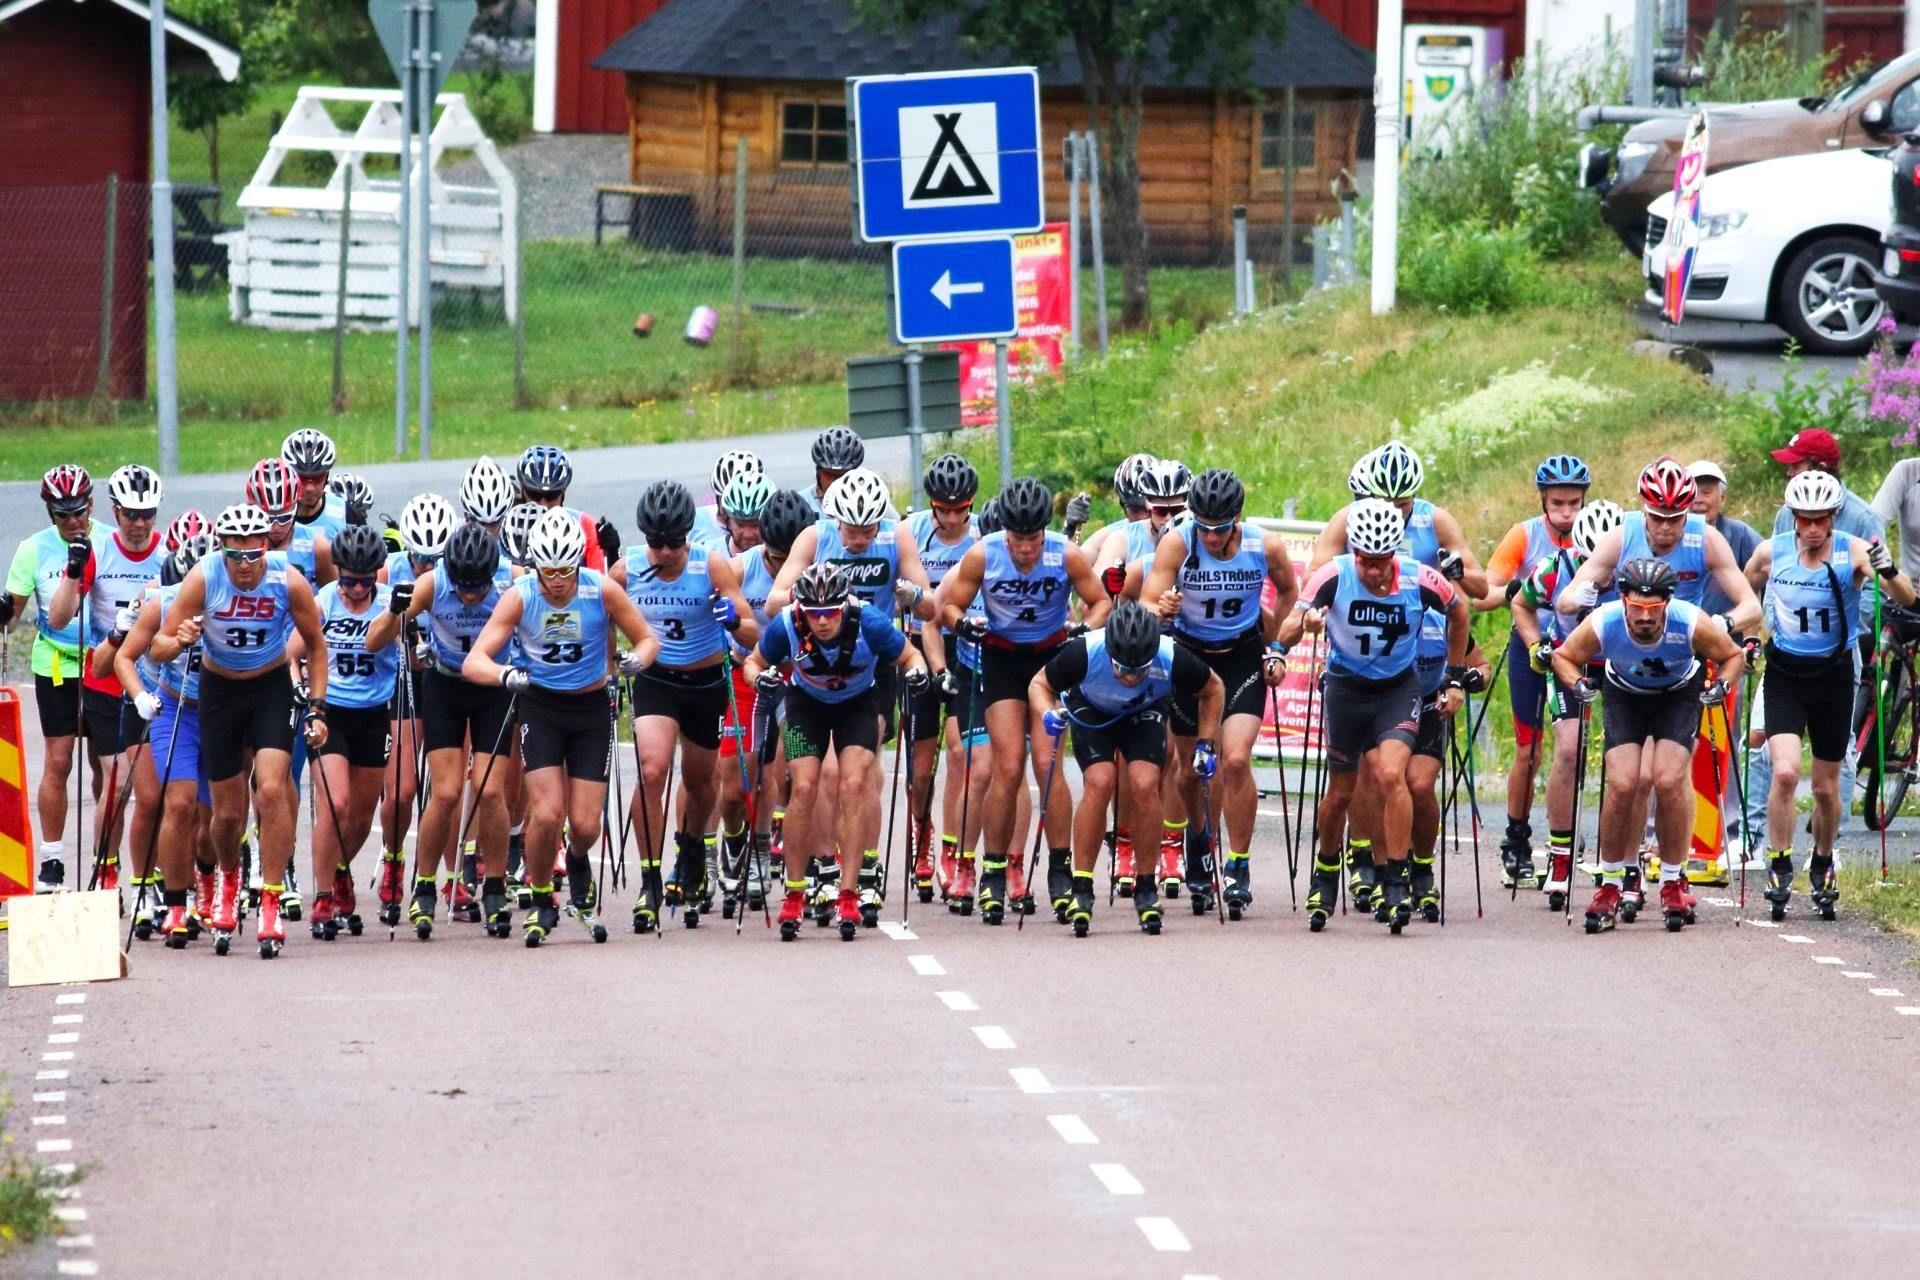 Hotagens Sportclub - Vaajmarathon mellan Rötviken och Sørli.